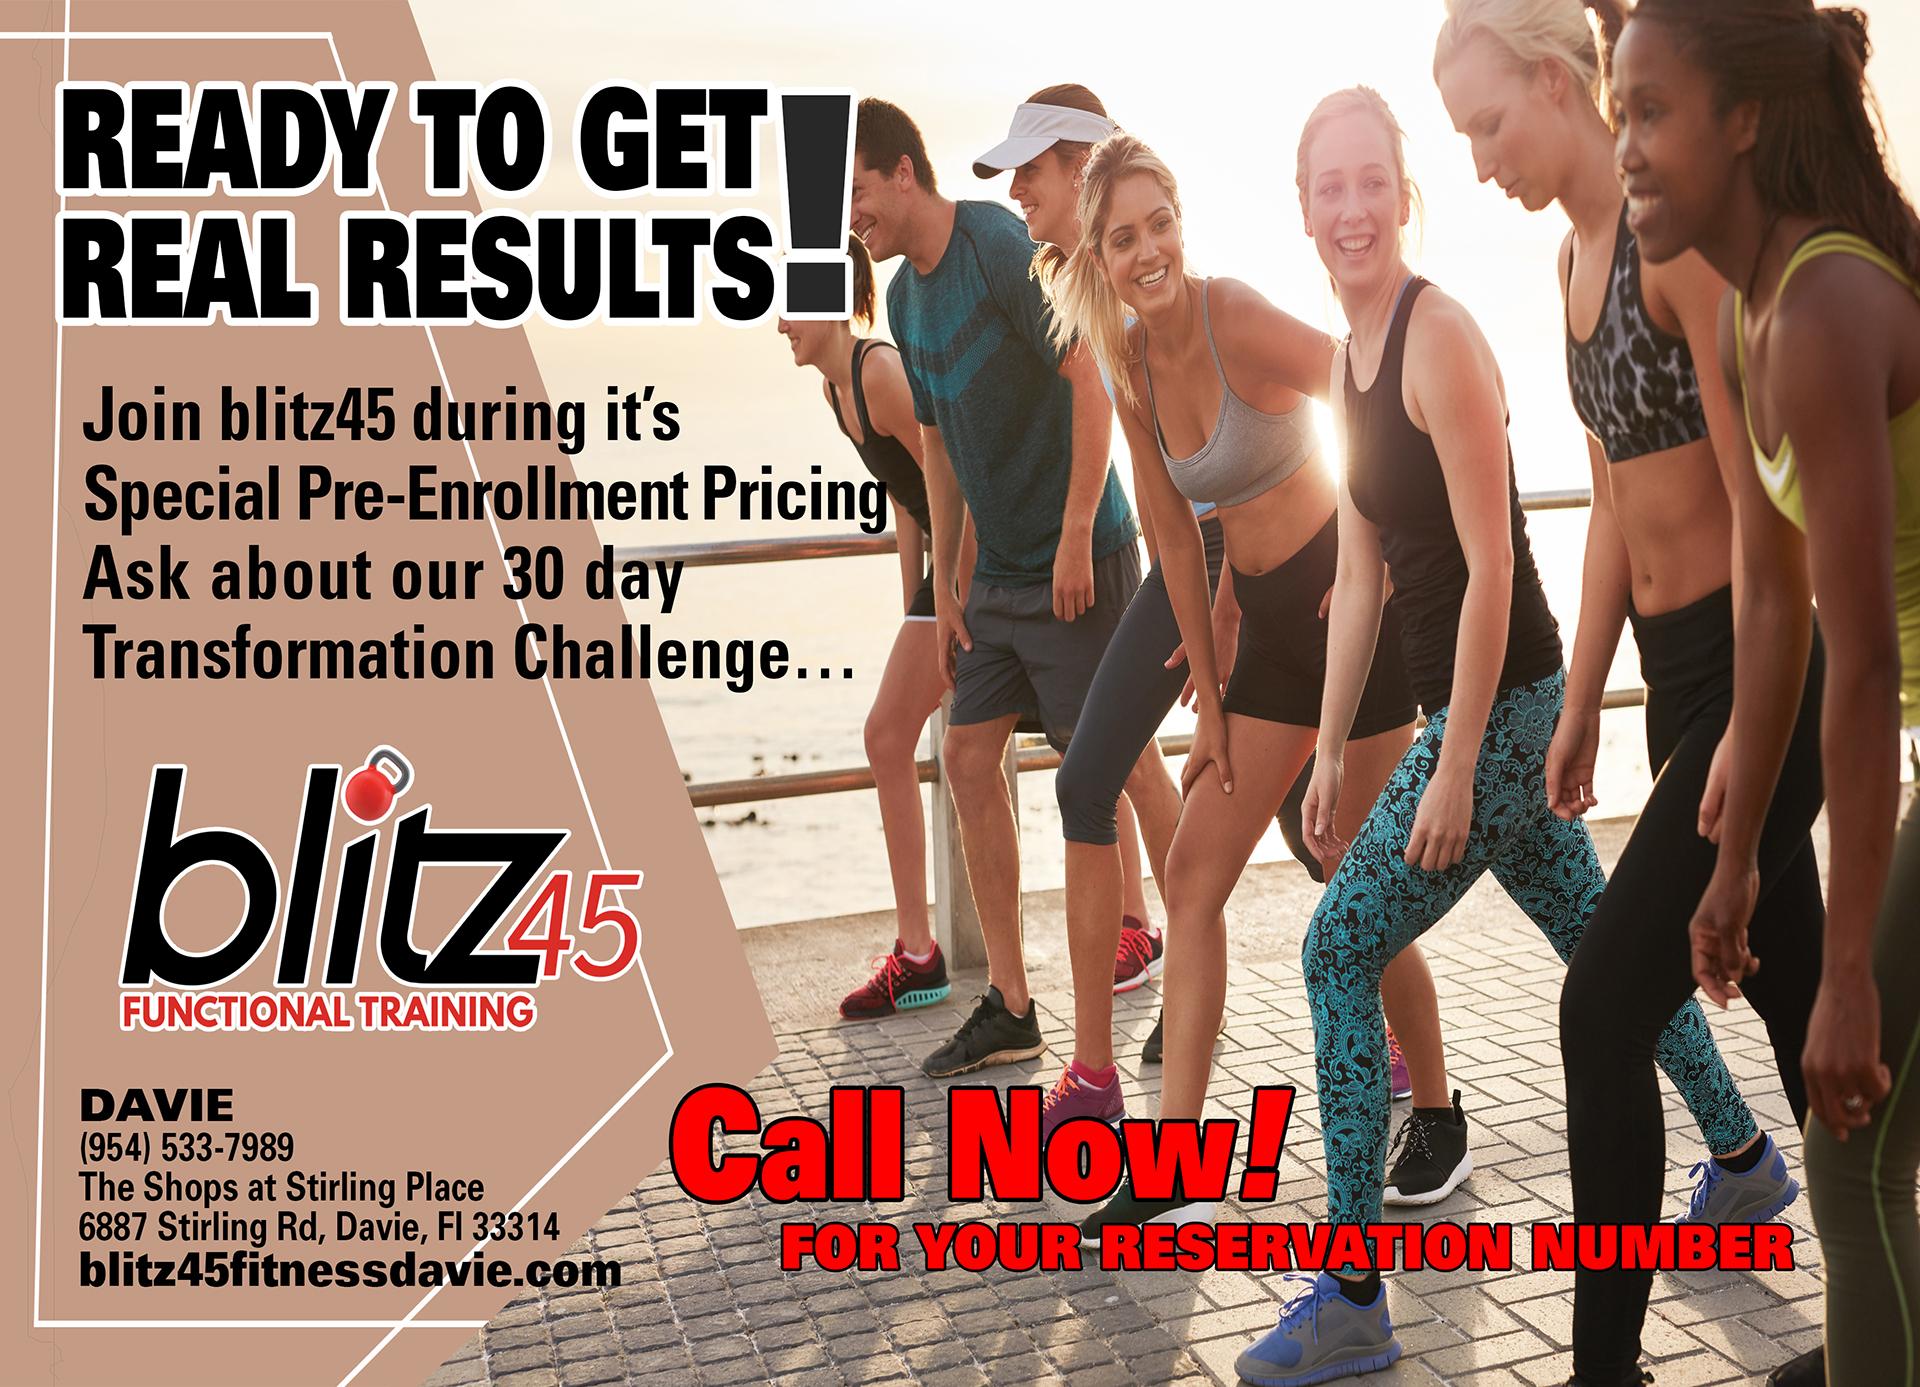 Blitz 45 Fitness Davie Ad